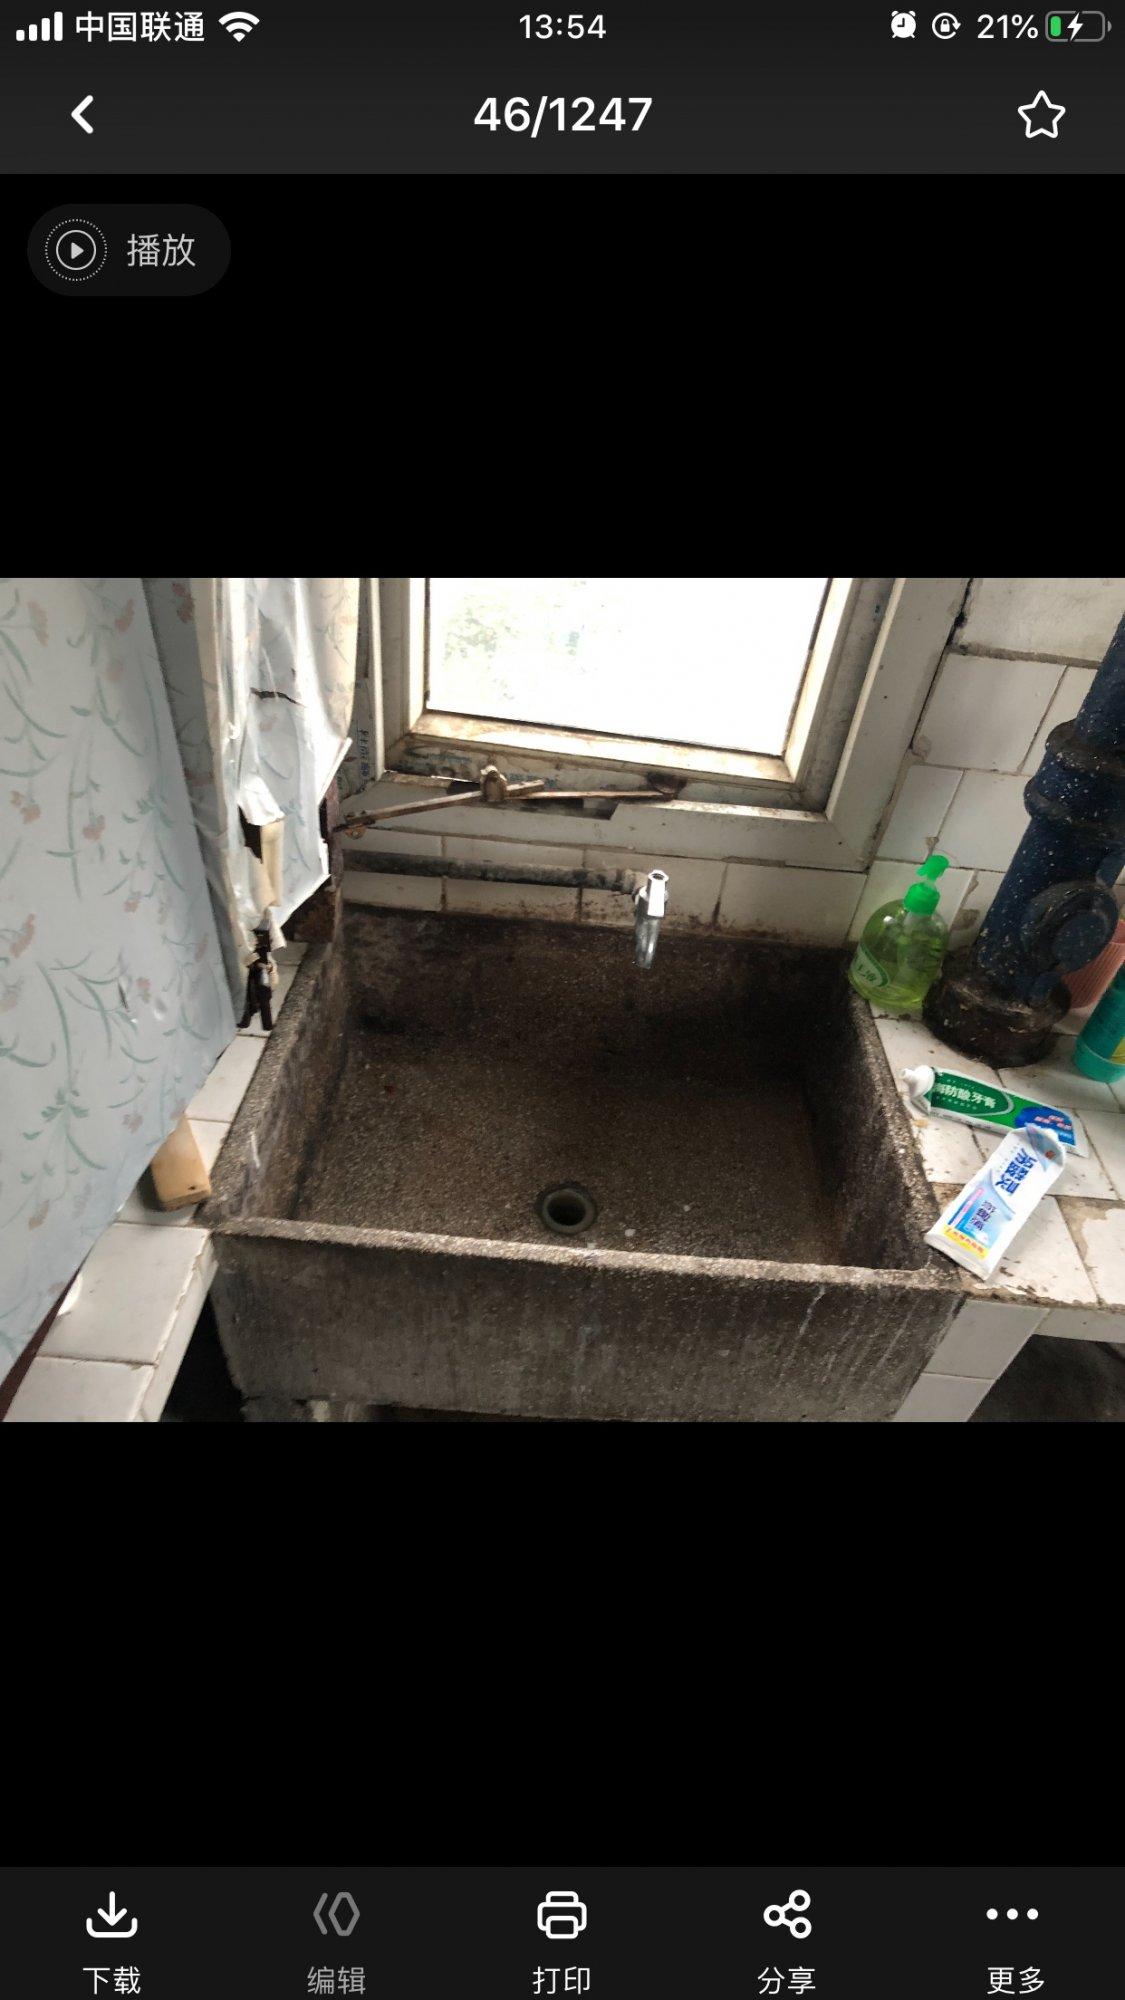 这个单冷水管想装个厨宝 怎么改成冷热水管啊